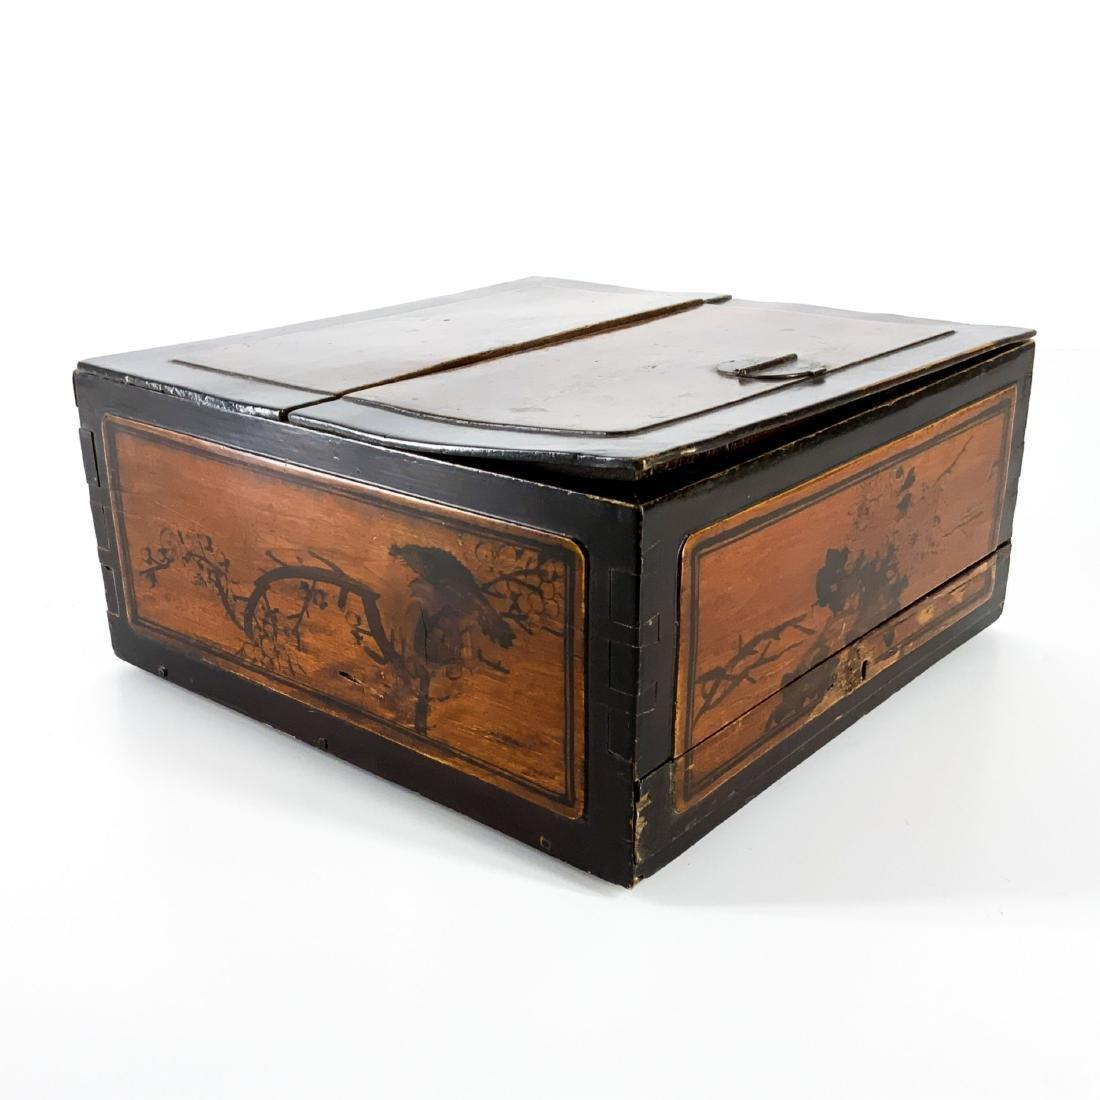 Antique 19th Century Asian Lap Desk Box